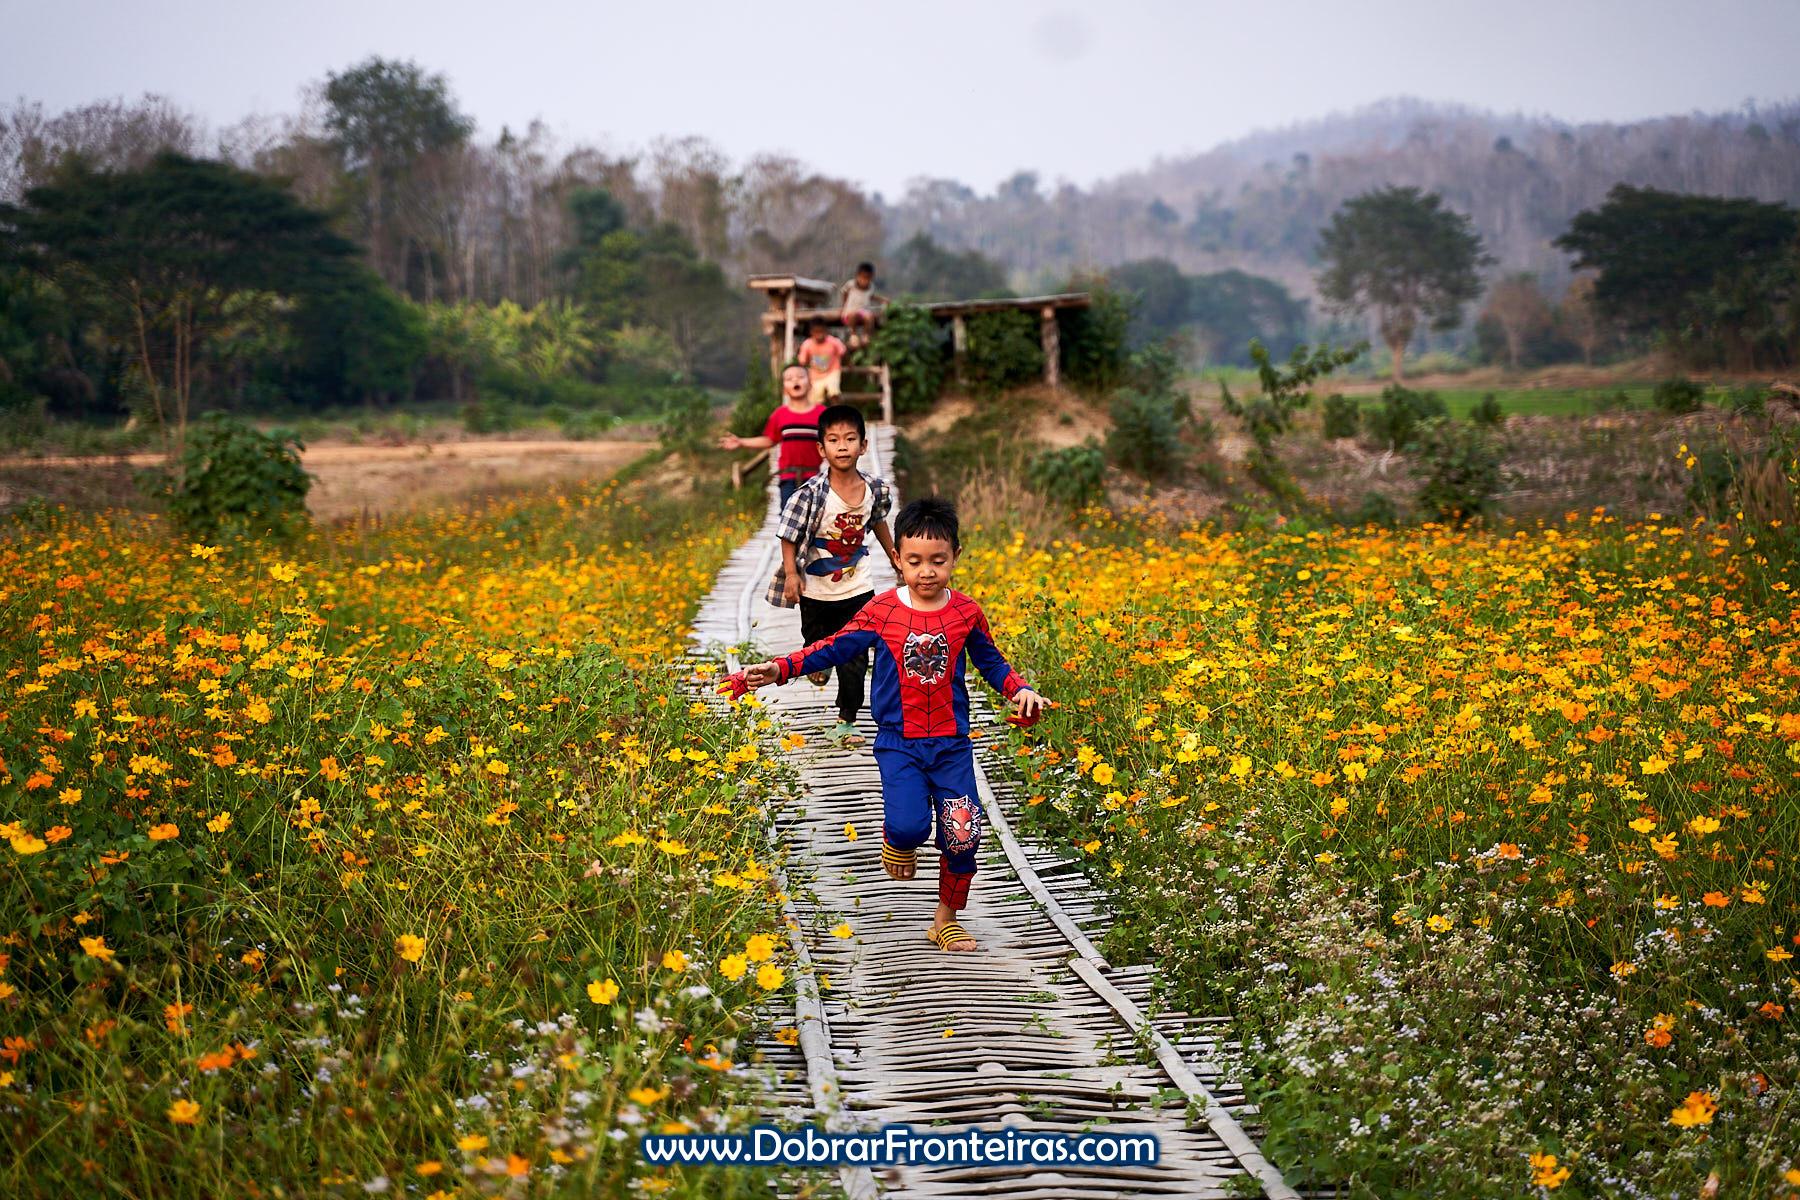 crianças a correr em passadiço de bambu sobre flores amarelas na Tailândia